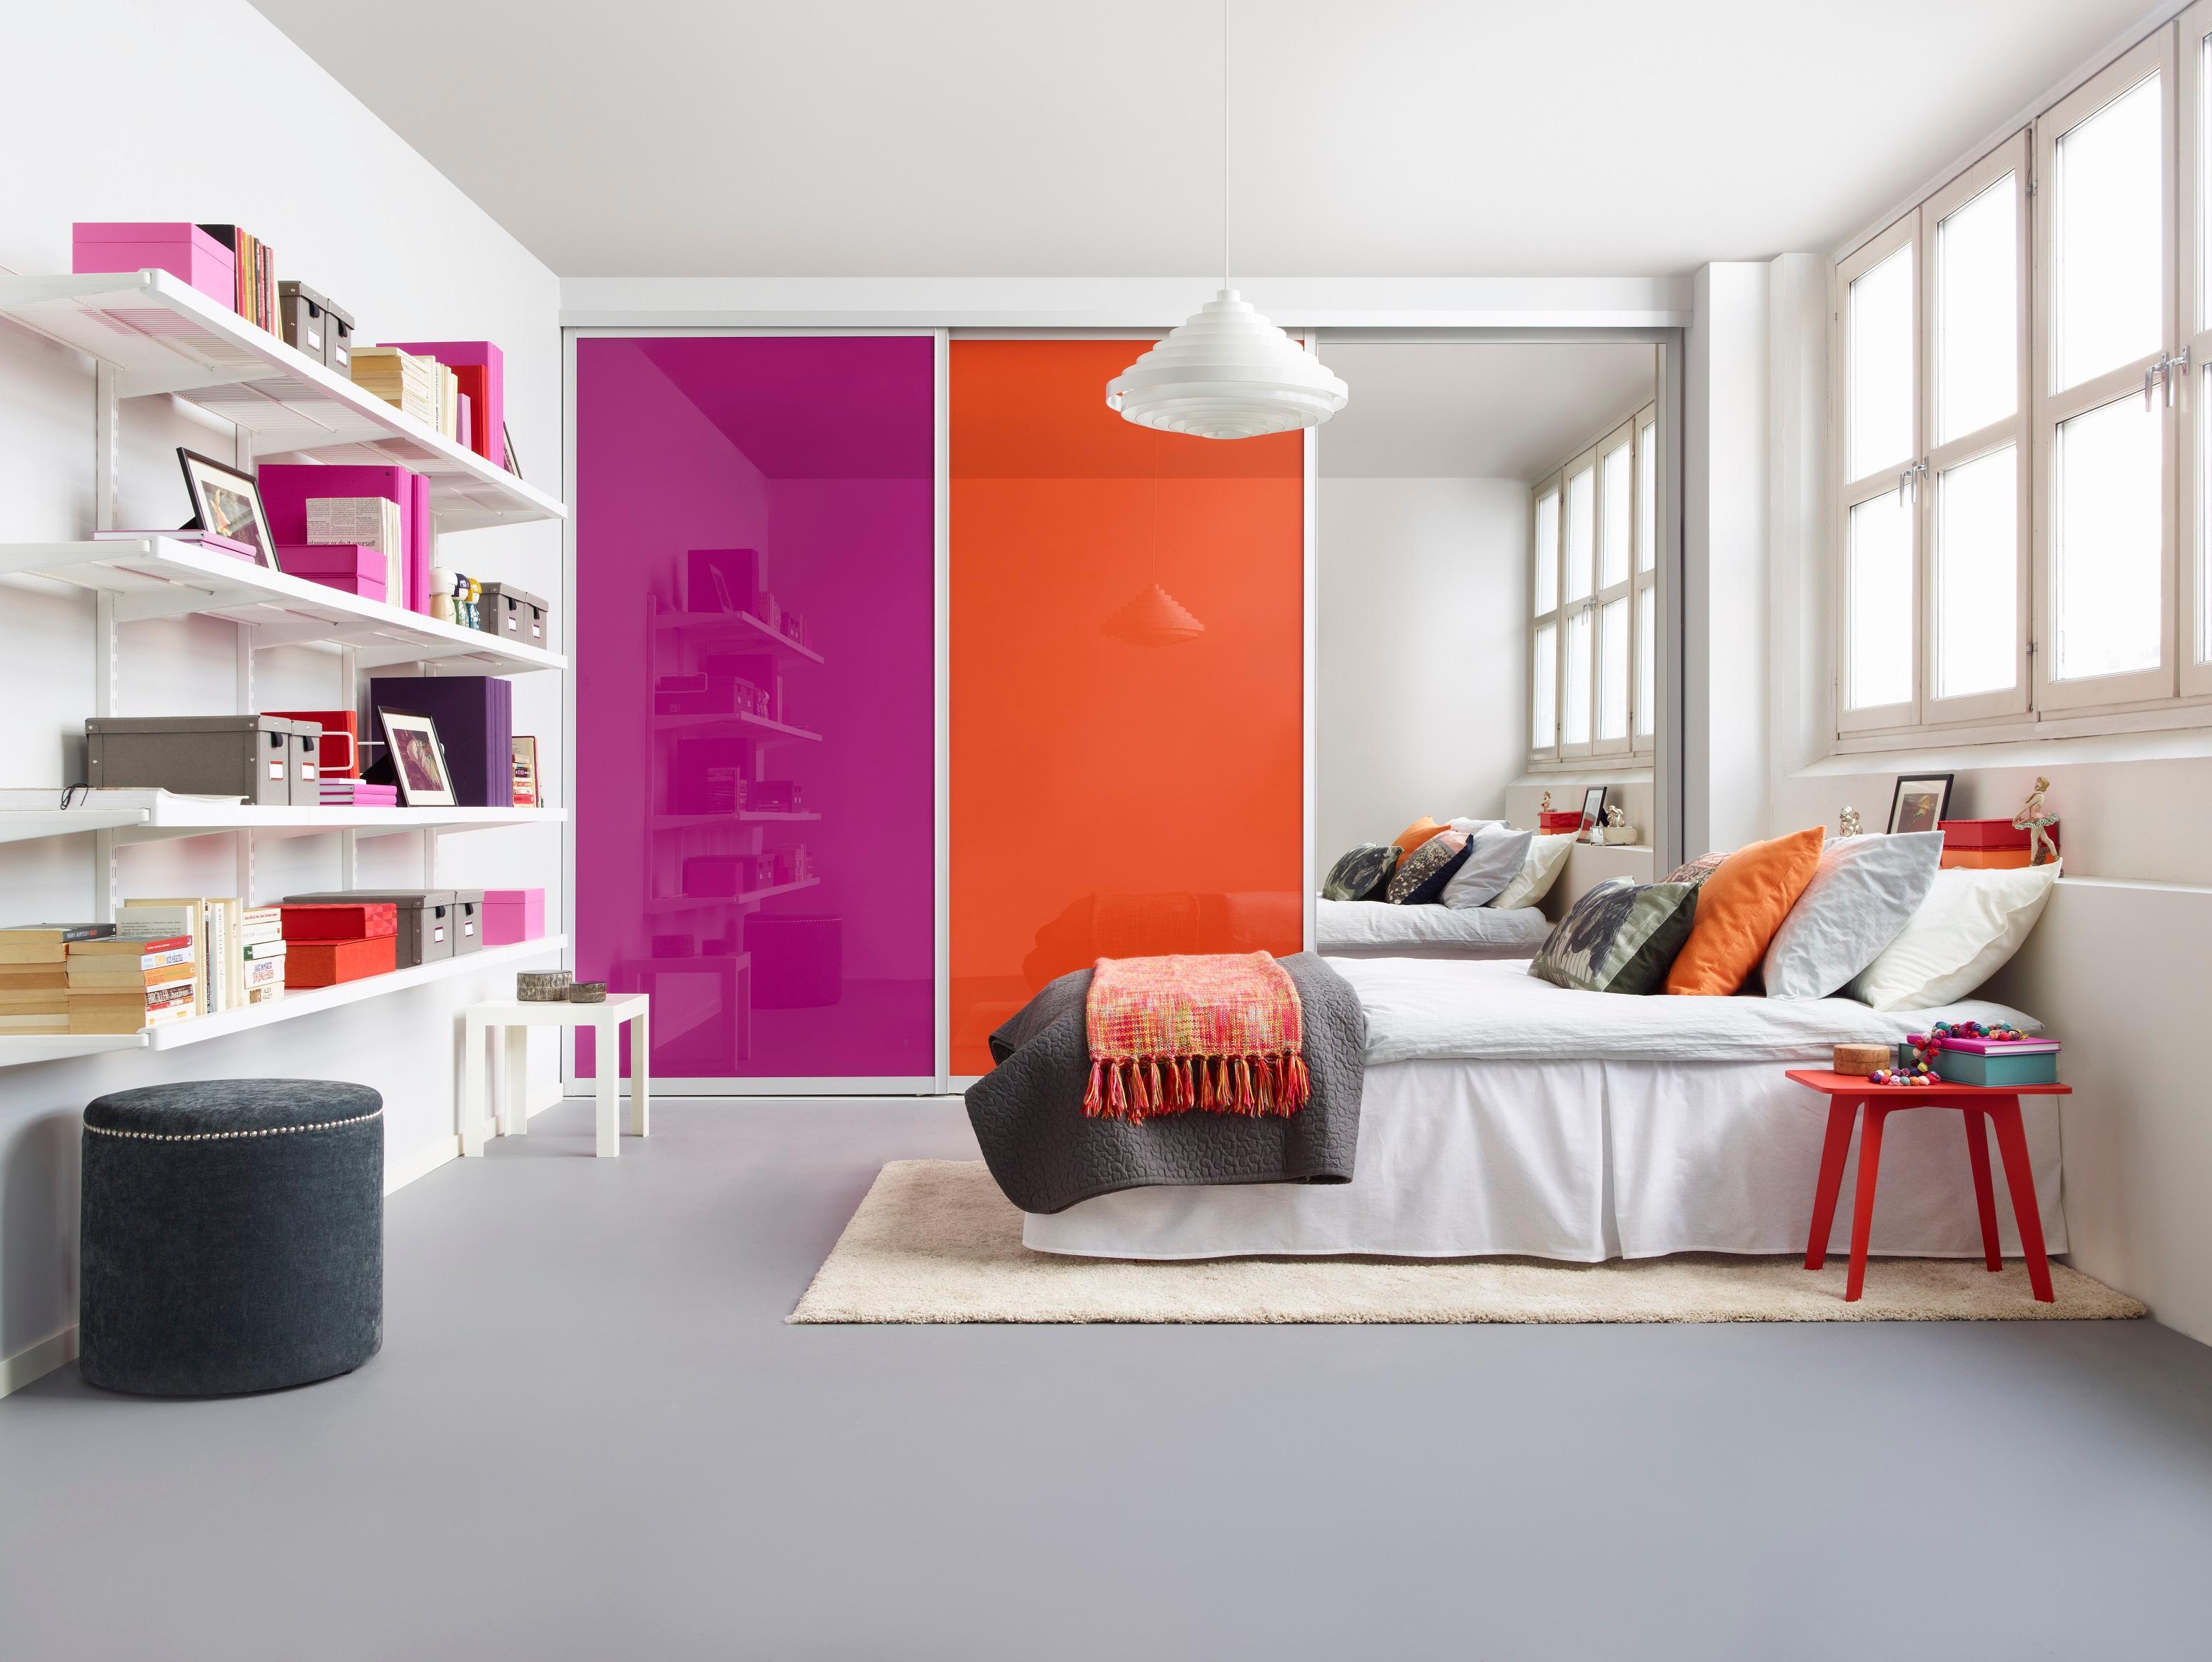 Einbauschrankflur bilder ideen couch for Zimmergestaltung jugendzimmer